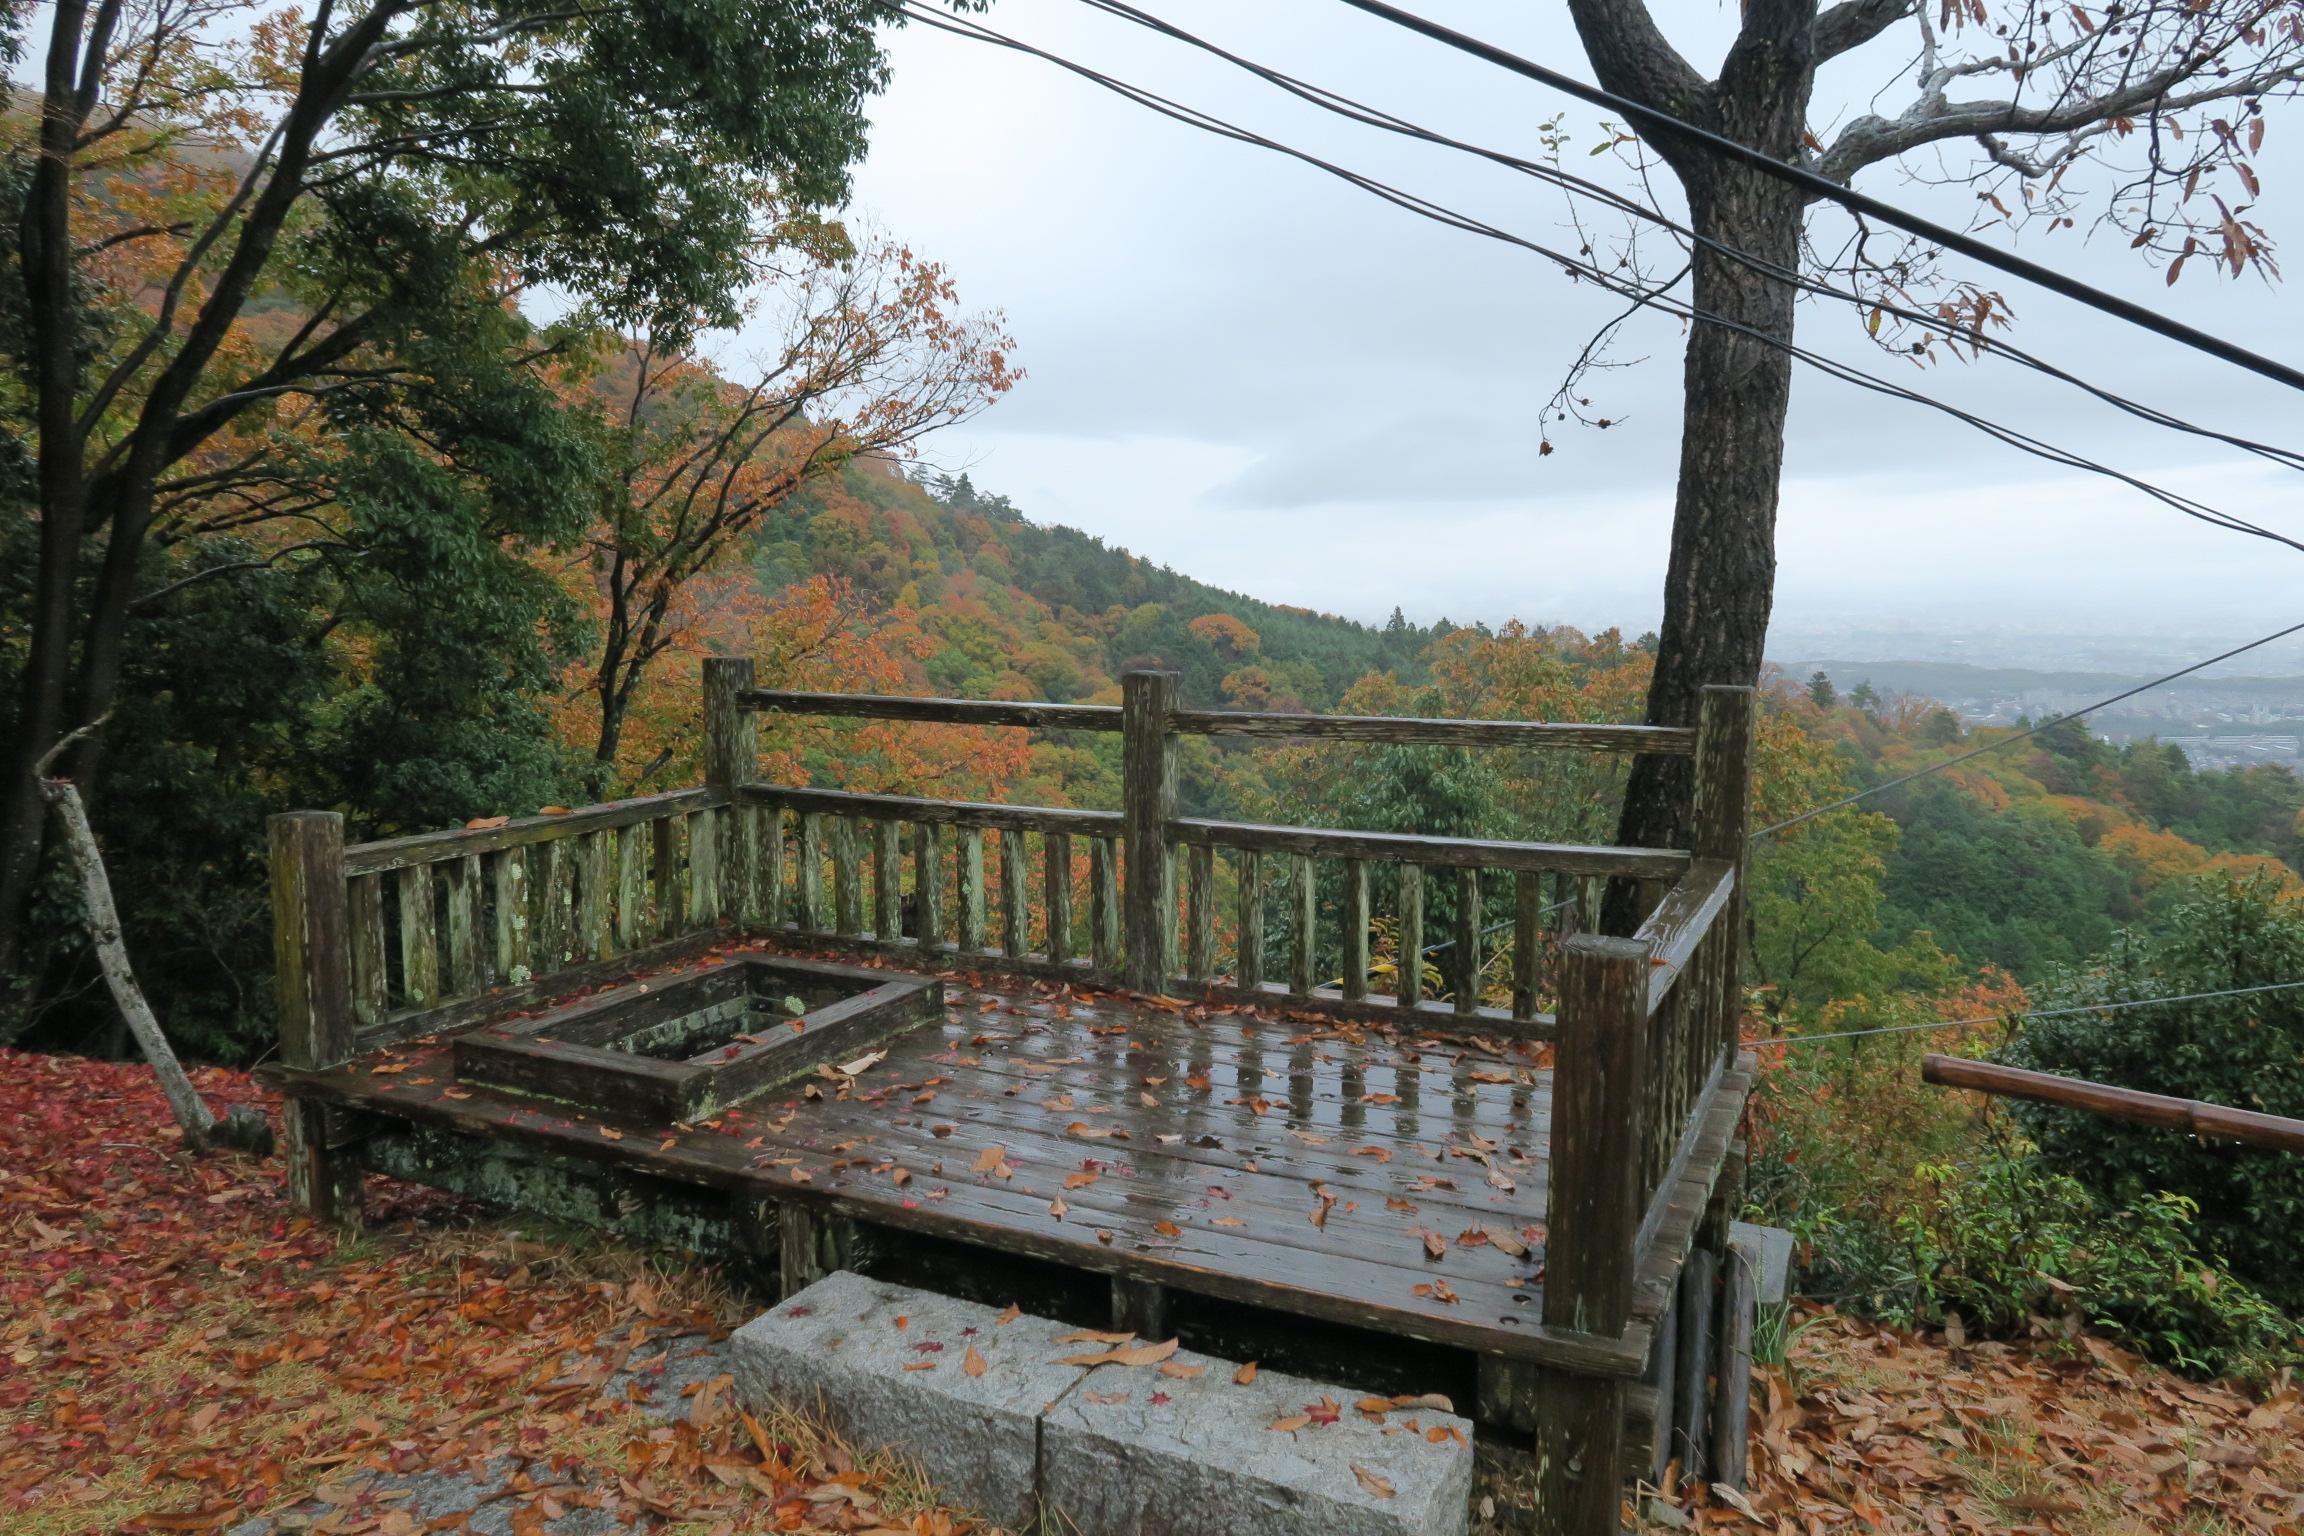 晴れていれば、比叡山や如意ケ嶽などが望めます。